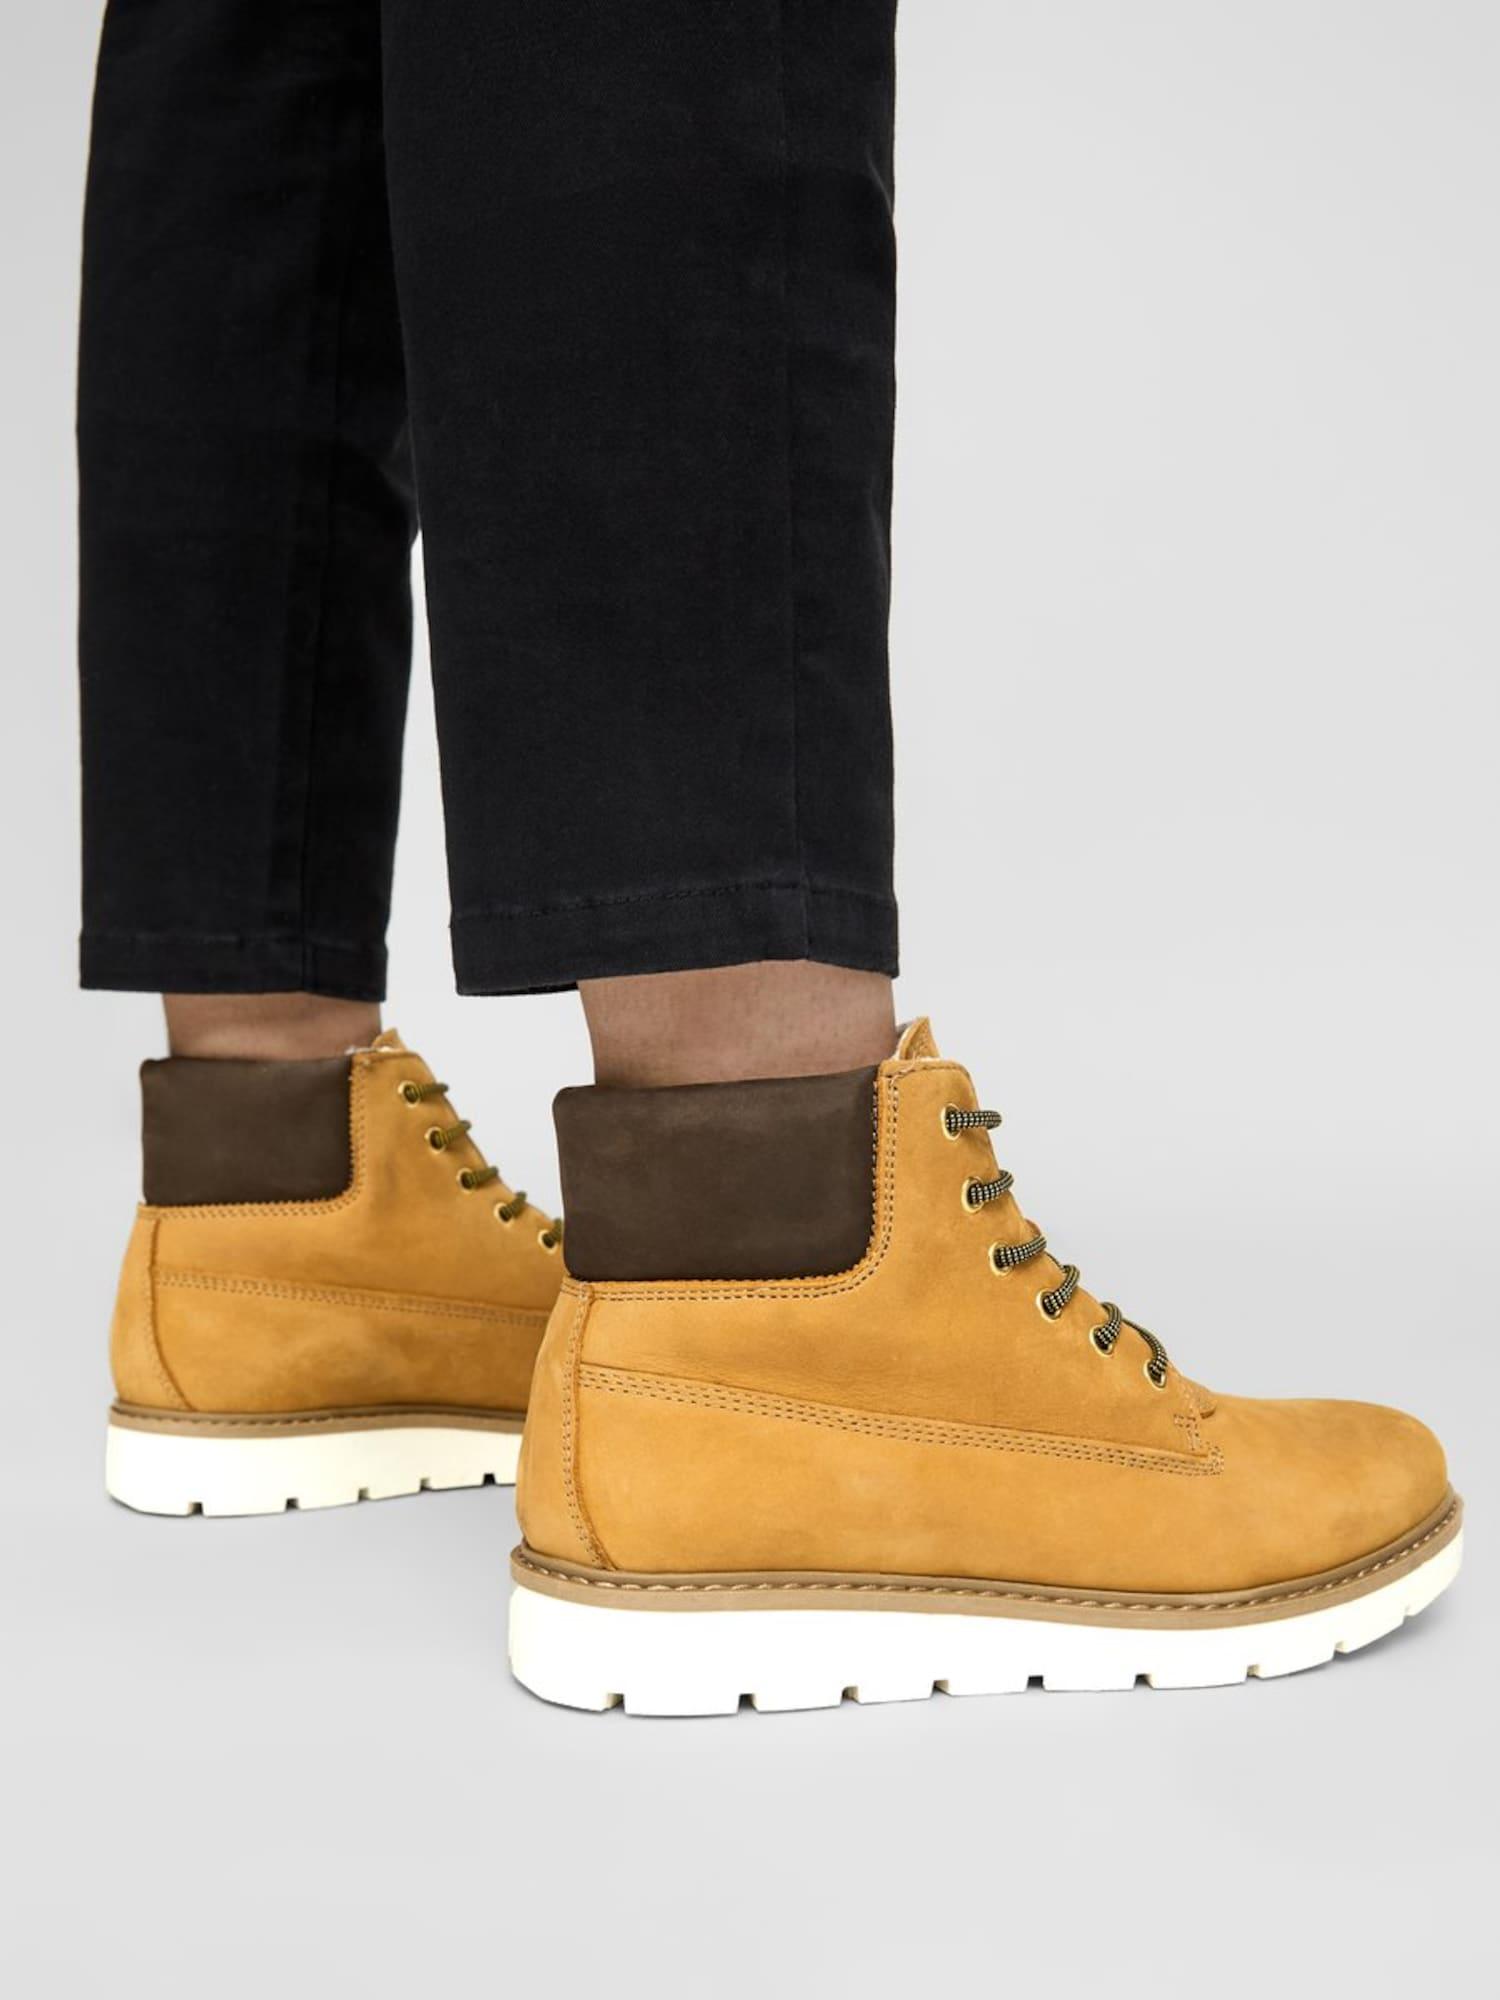 Bianco, Damen Boots Anli, kastanjebruin / goudgeel / zilver / wit